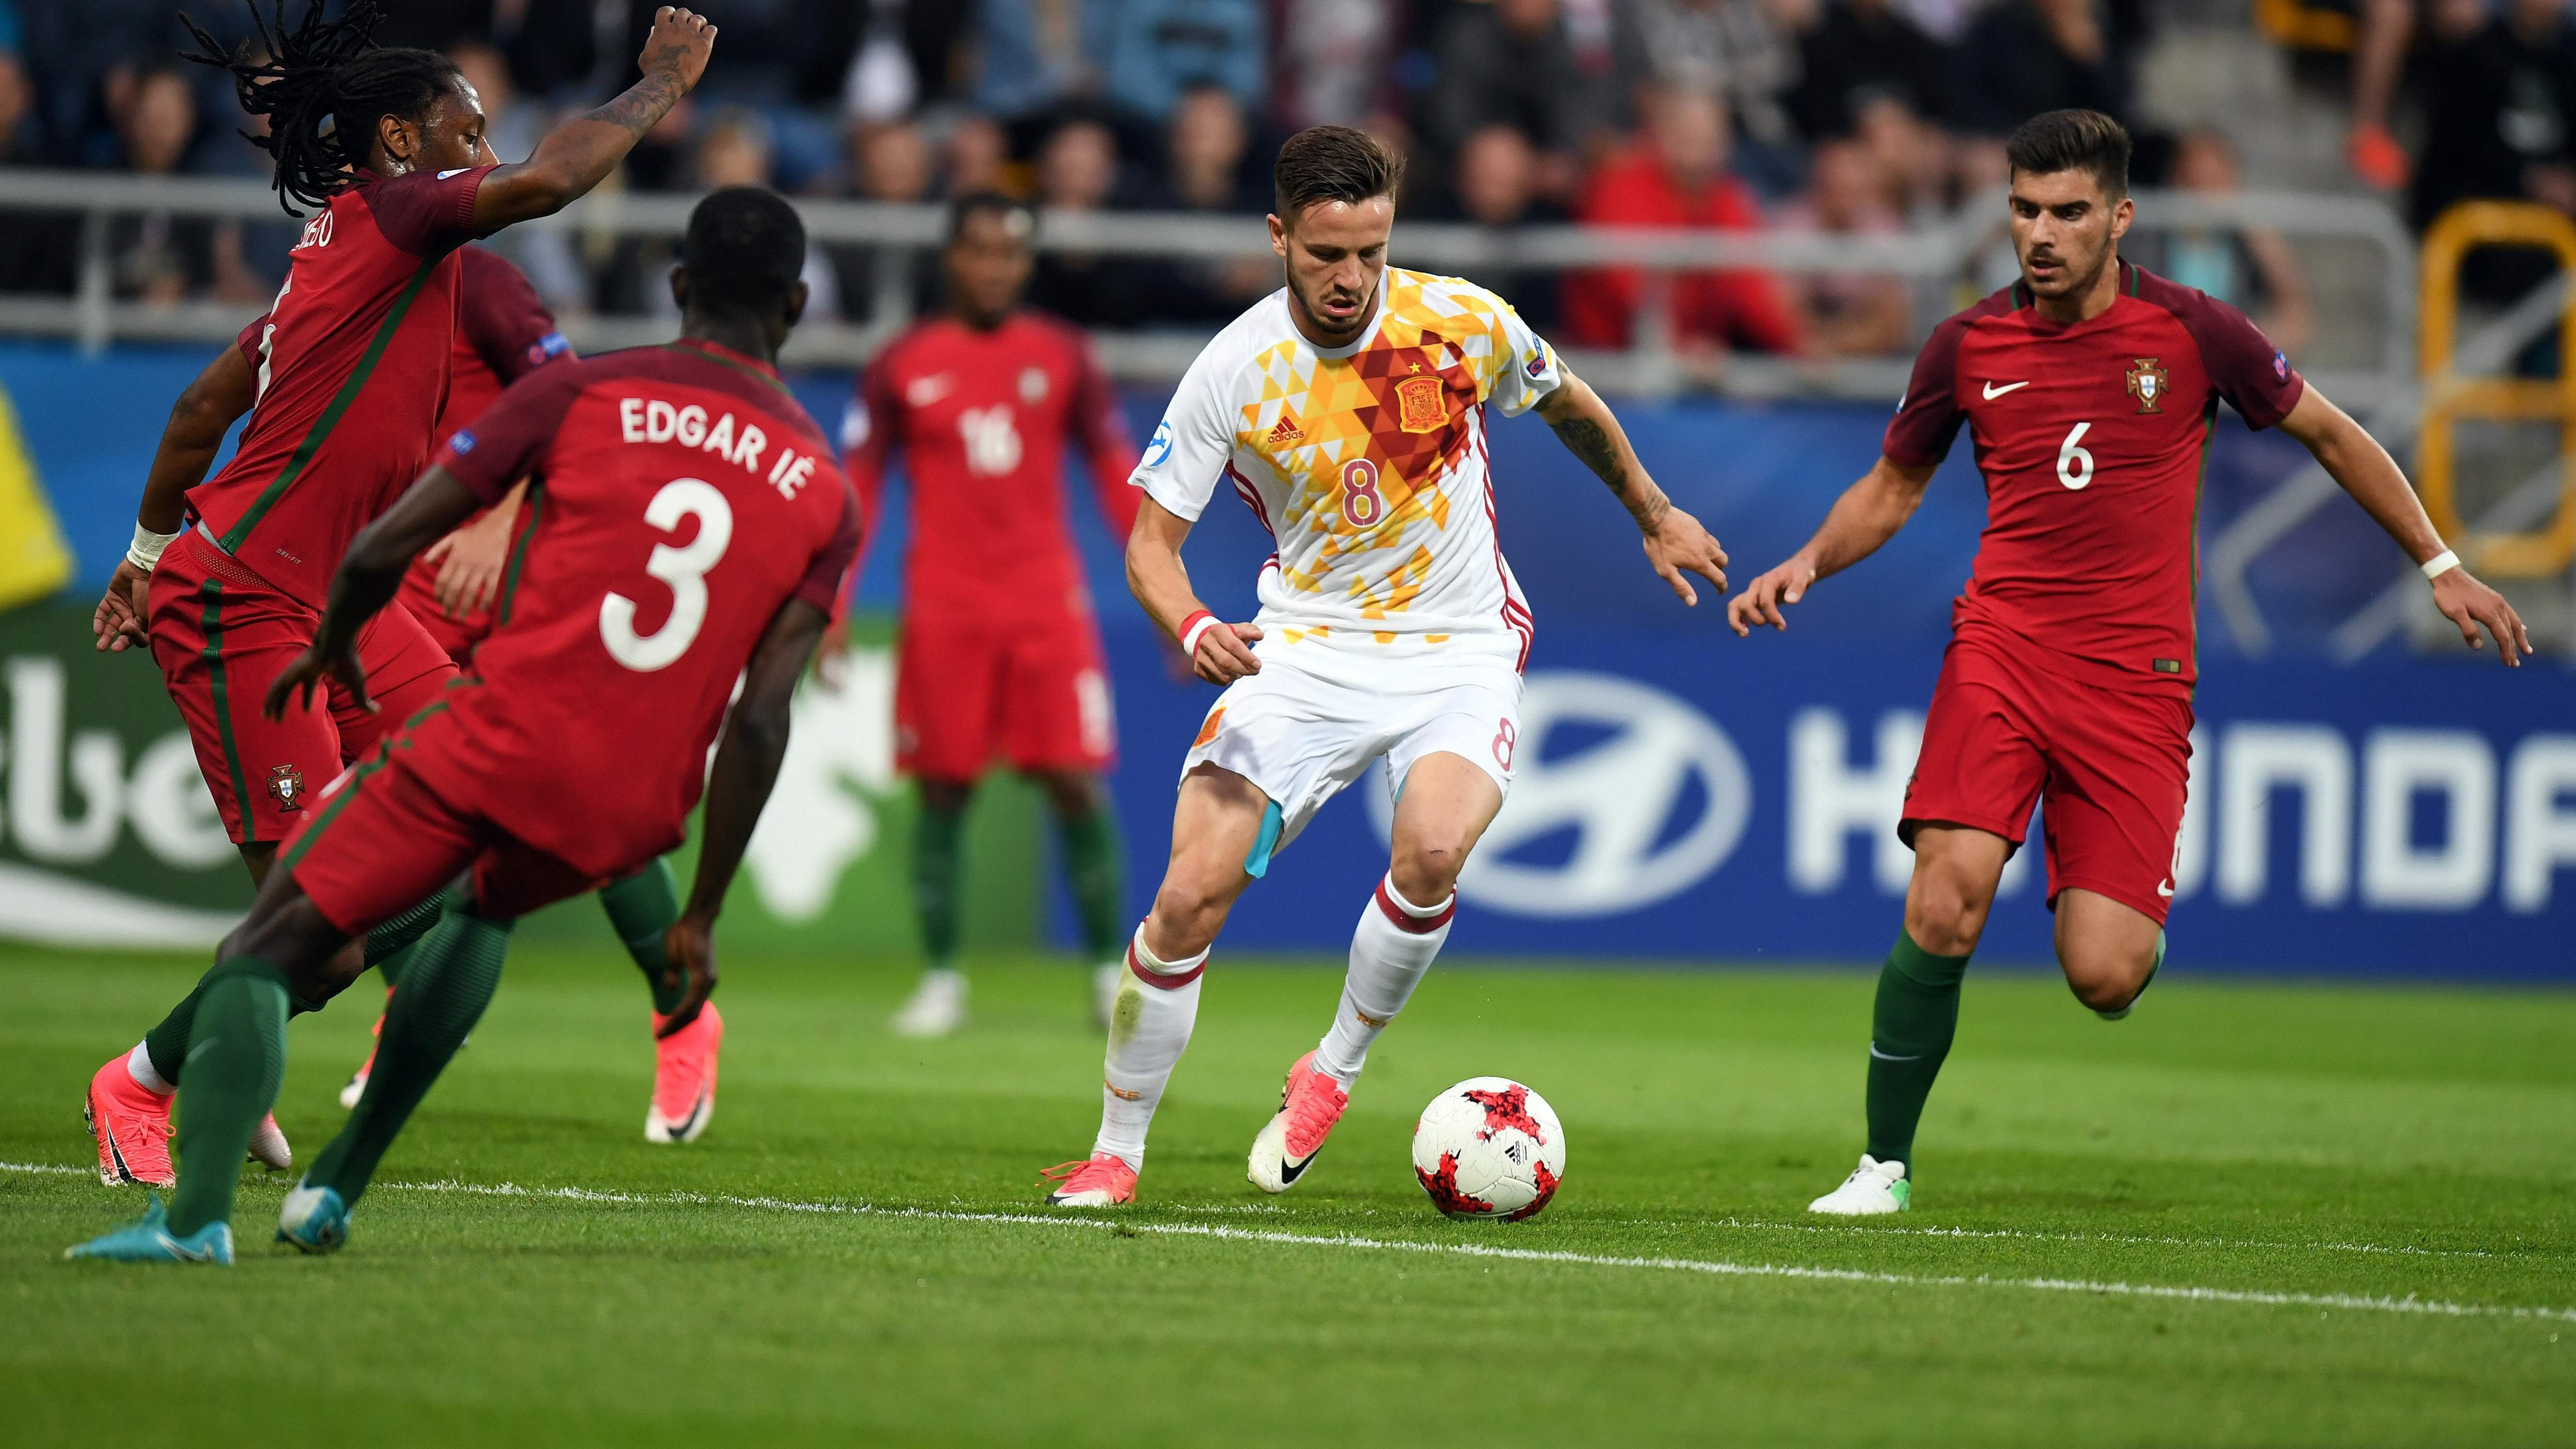 d75853362 Portugalia - Hiszpania: dwa cudowne gole ozdobą meczu Euro U21 - Piłka nożna